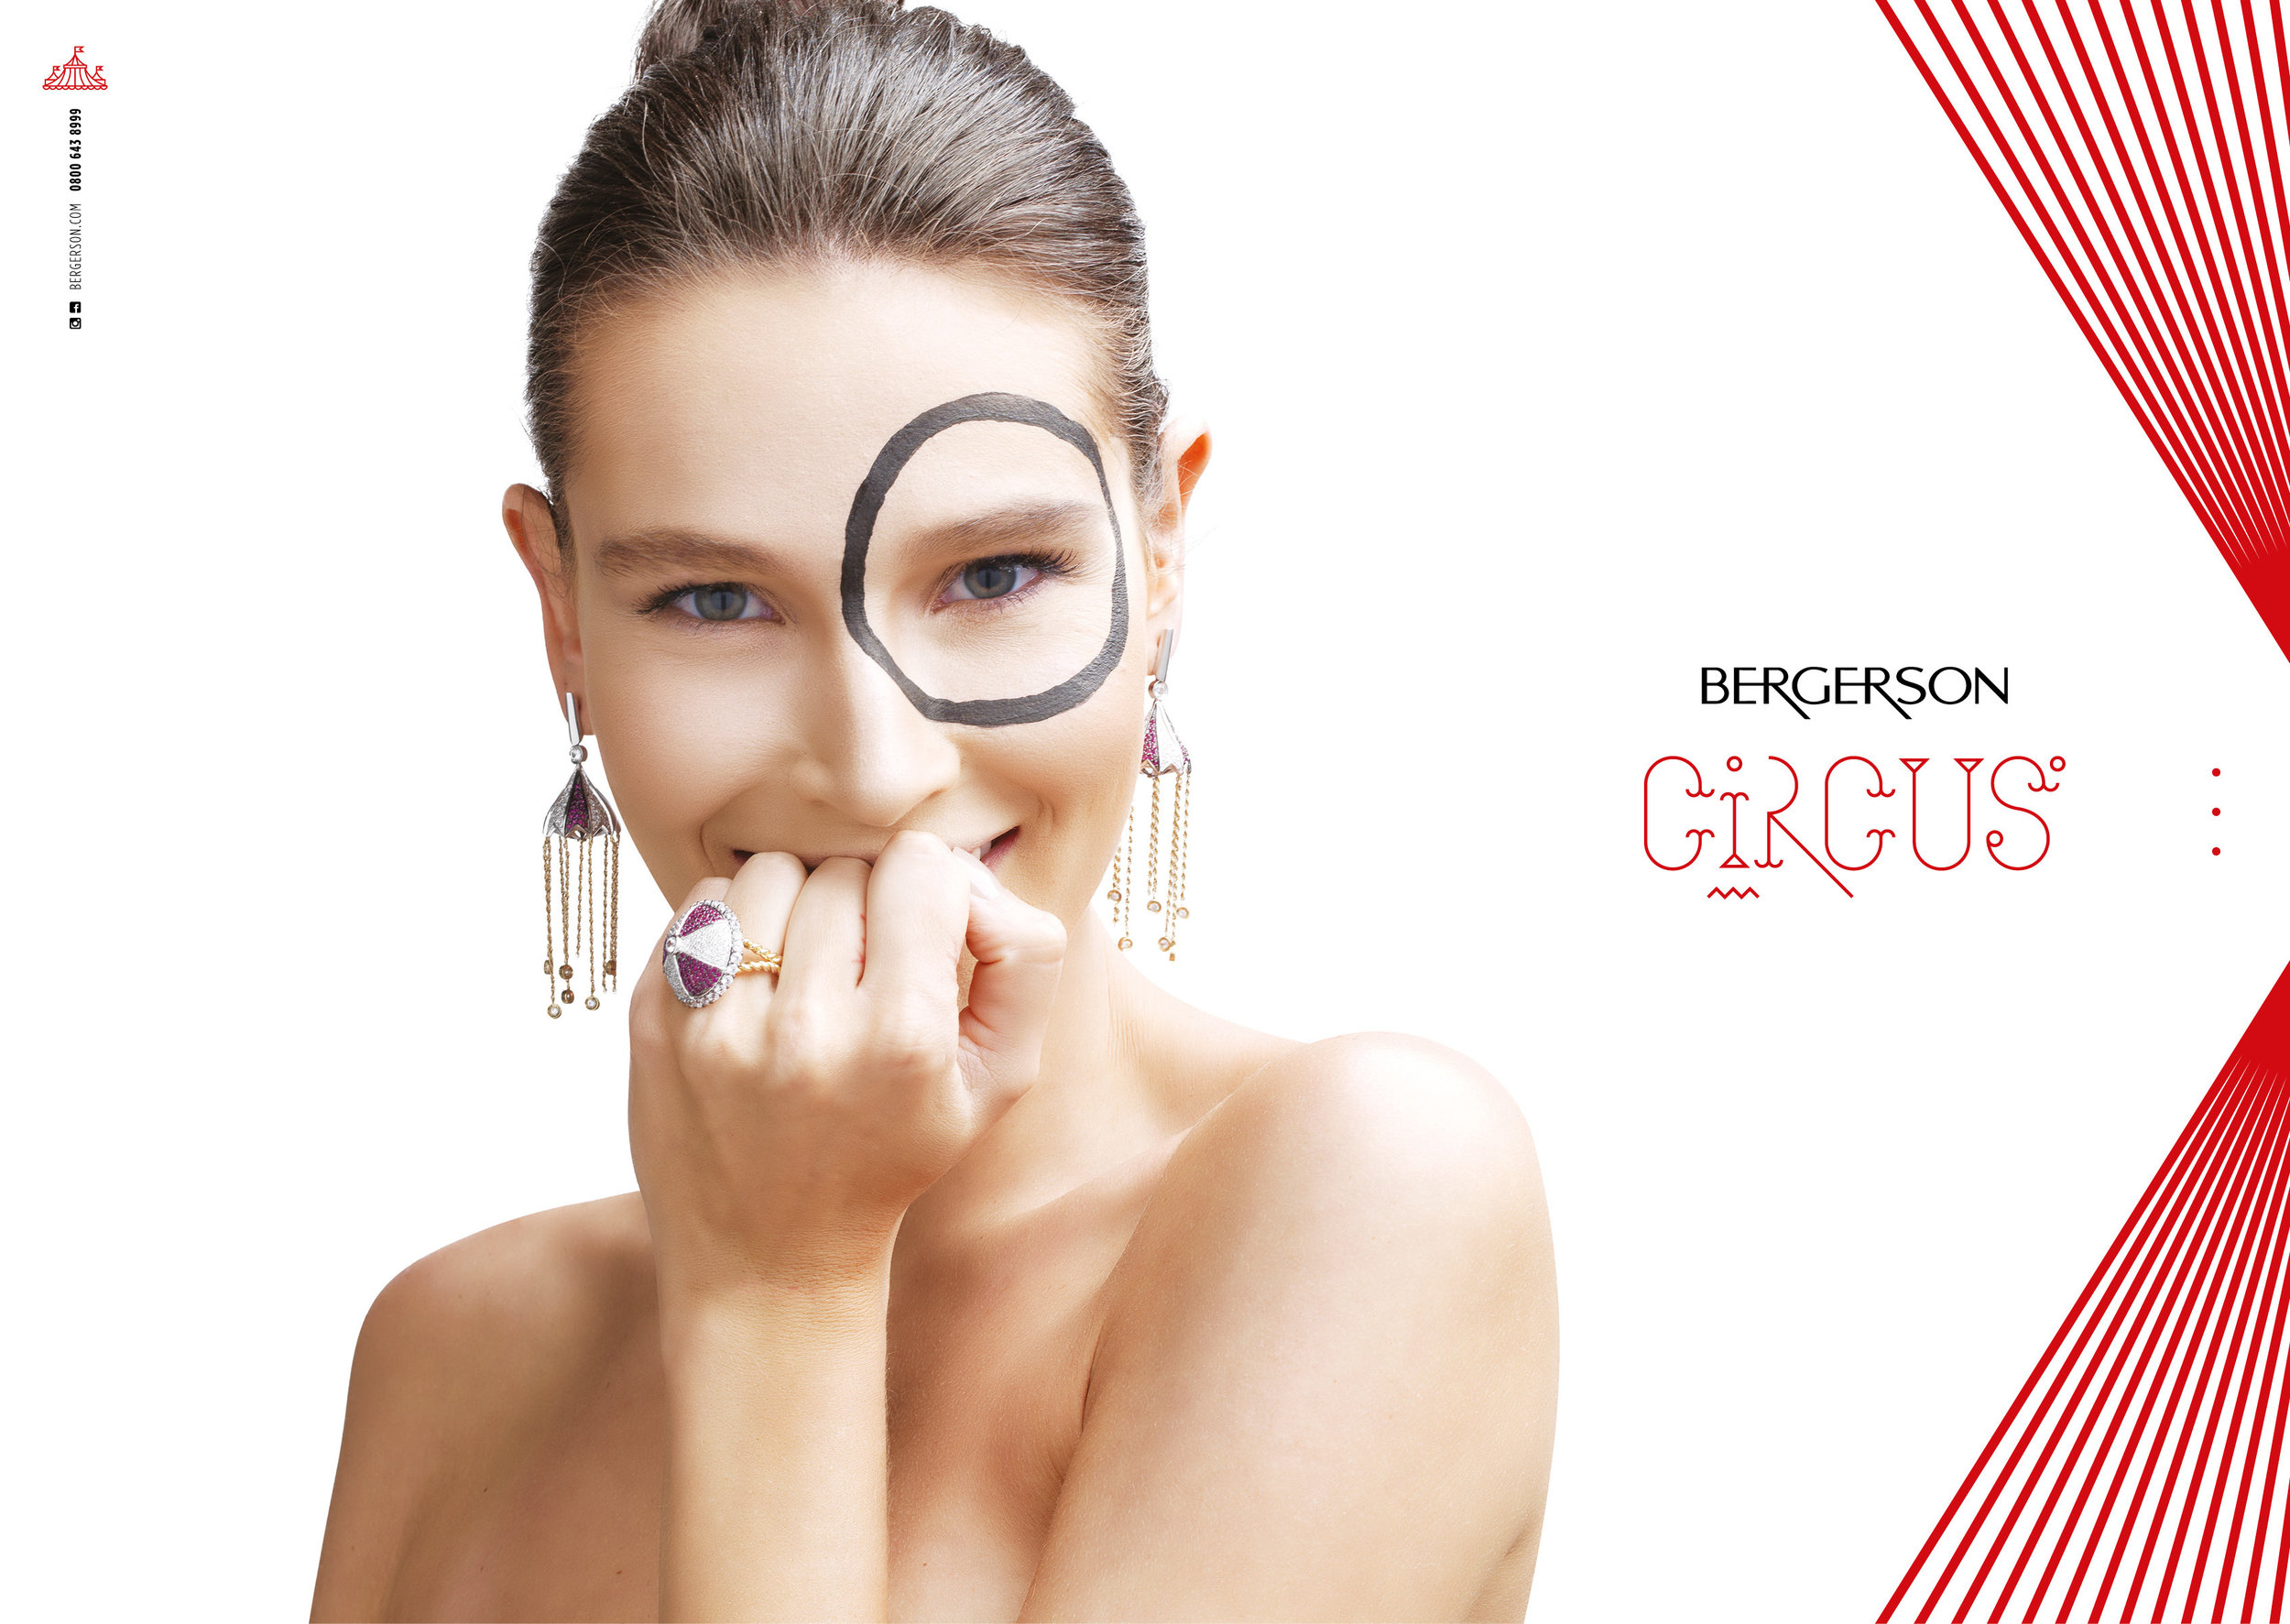 Circus _ Bergerson _ luxlab _ taste ag _ 02.jpg